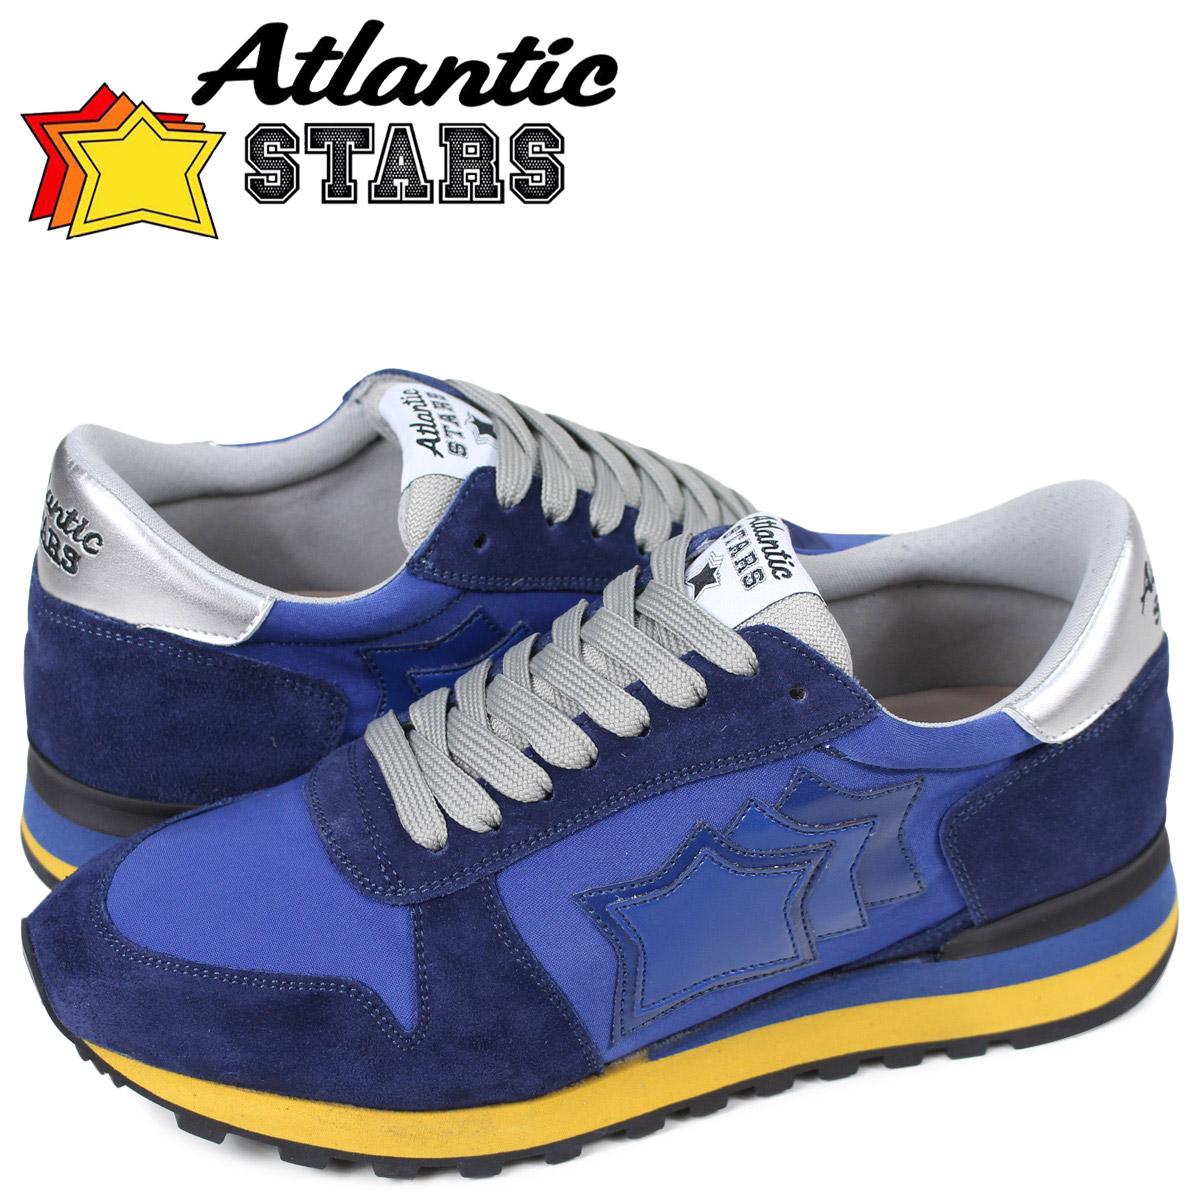 アトランティックスターズ Atlantic STARS アルゴ スニーカー メンズ ARGO ATNYNGBN ブルー